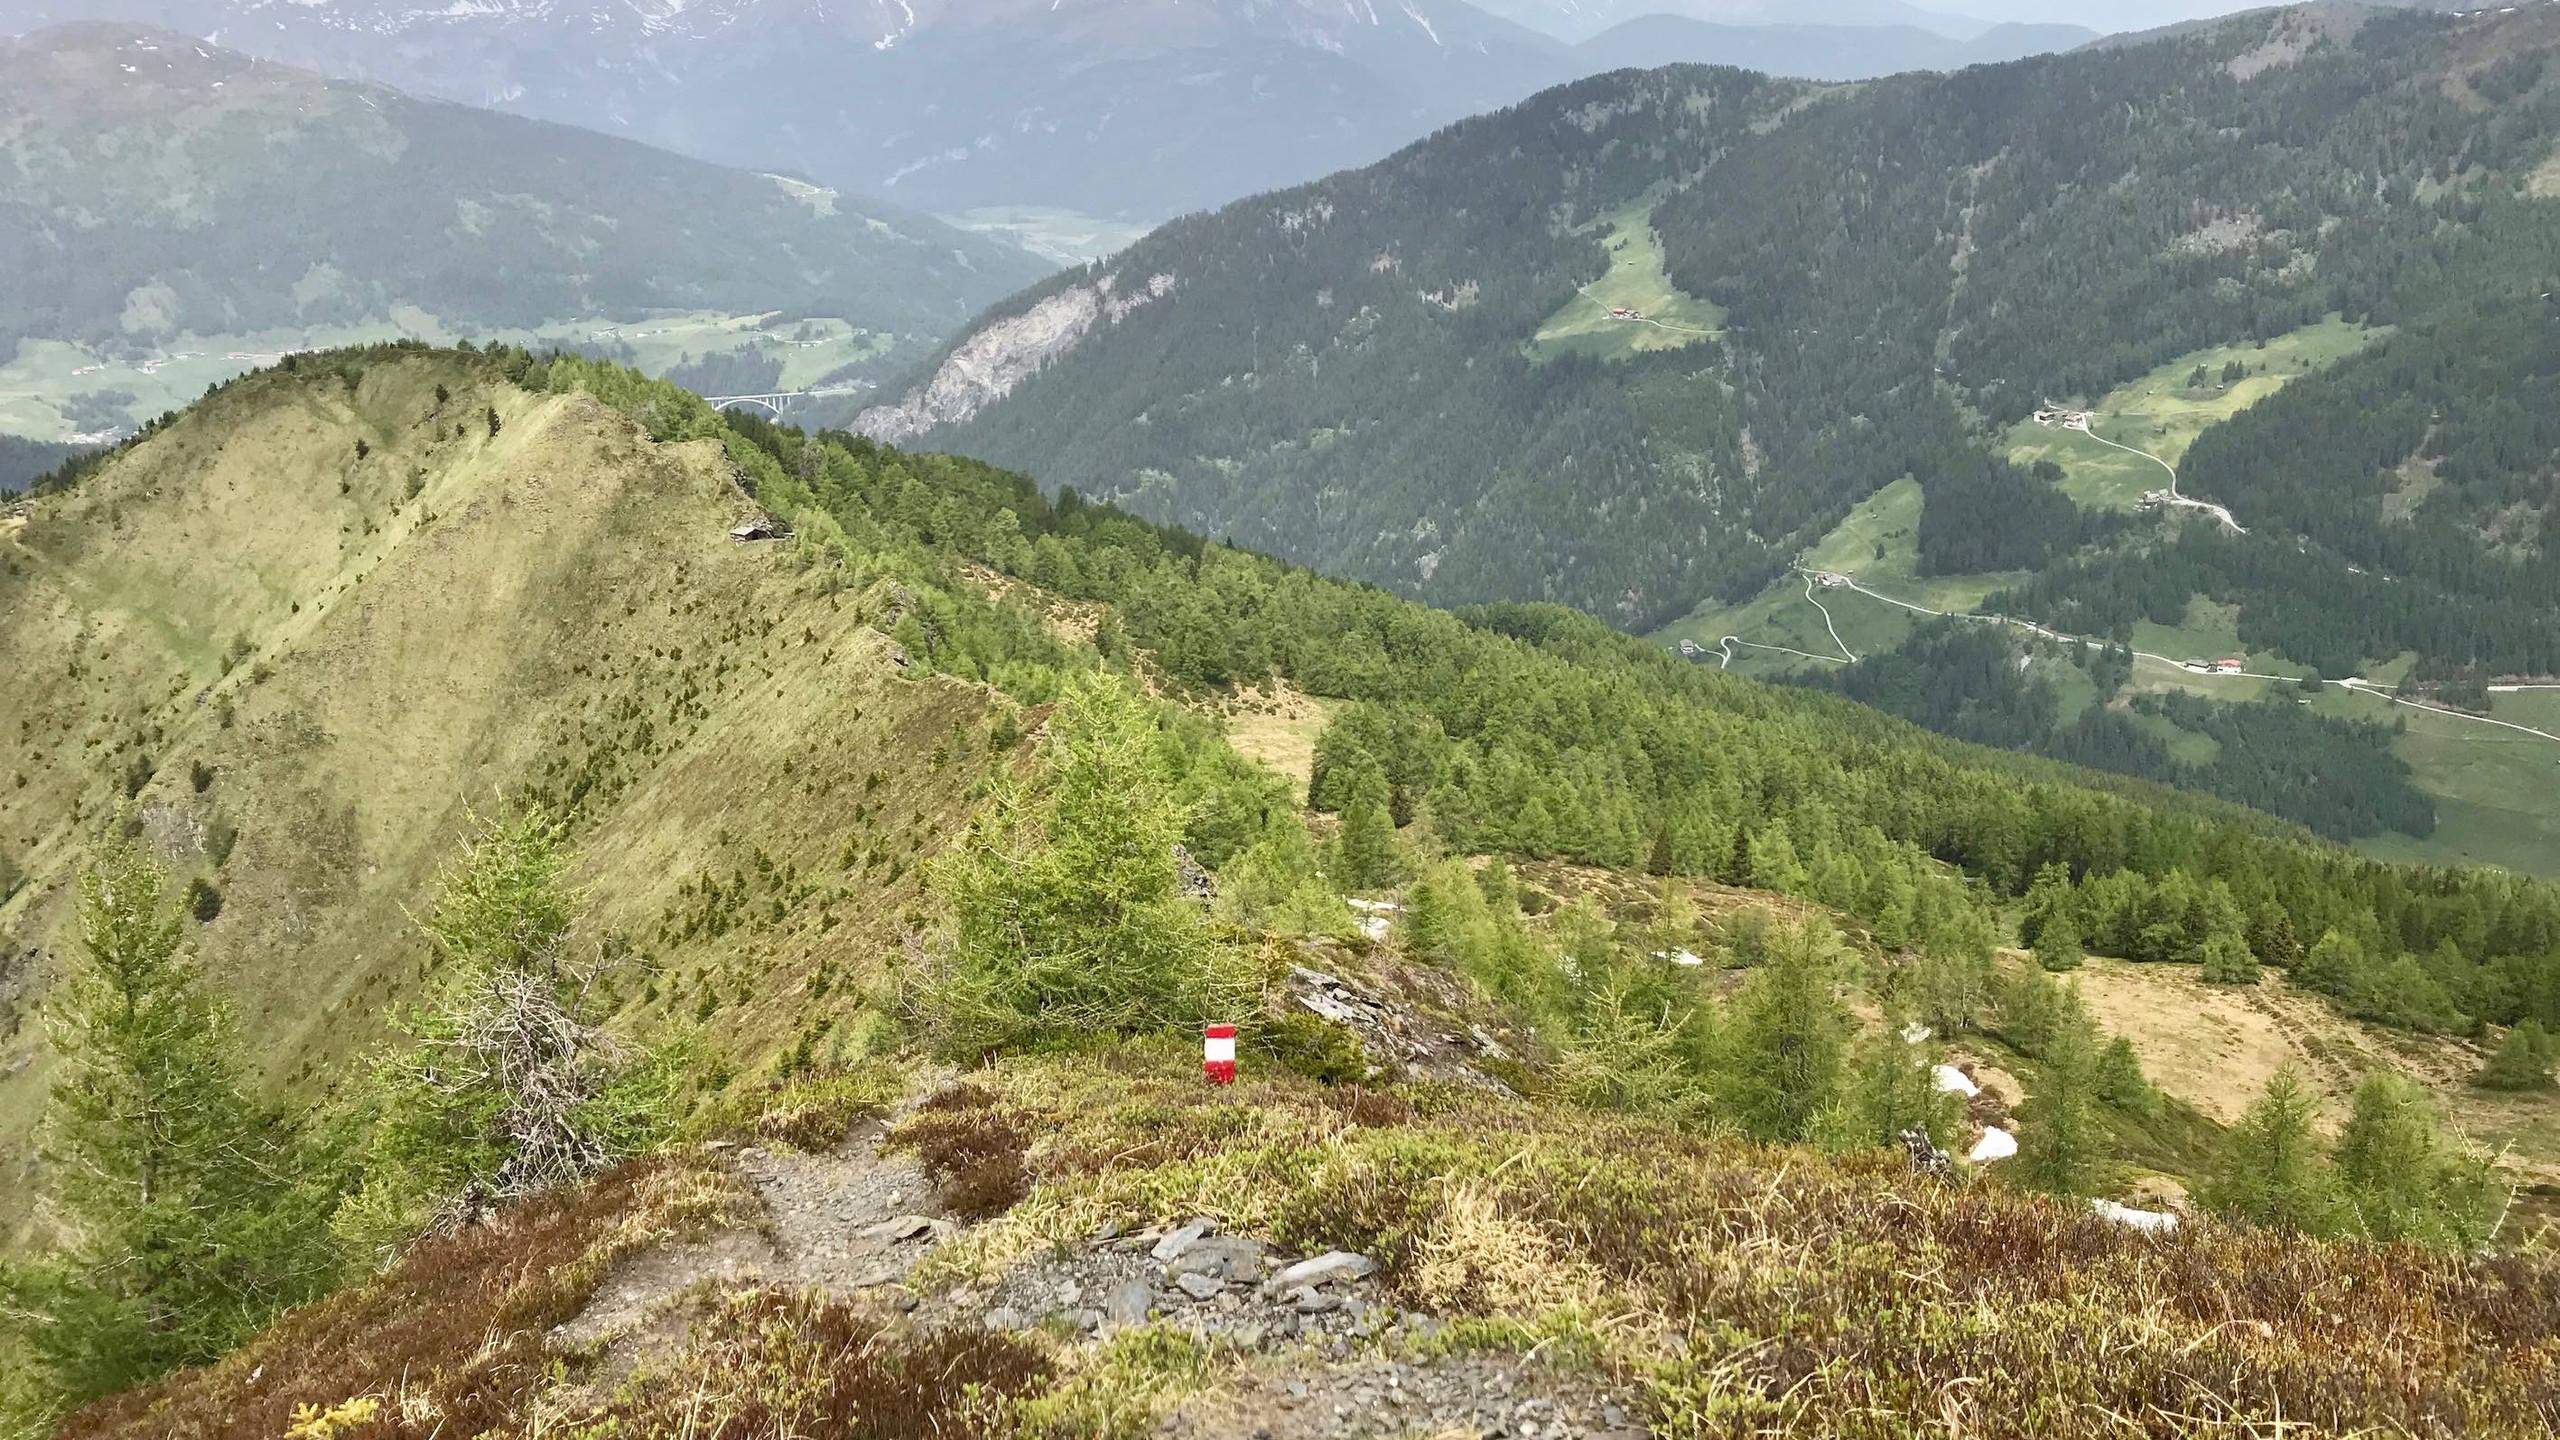 Retourweg Ottenspitze, Biketour Schmirntal